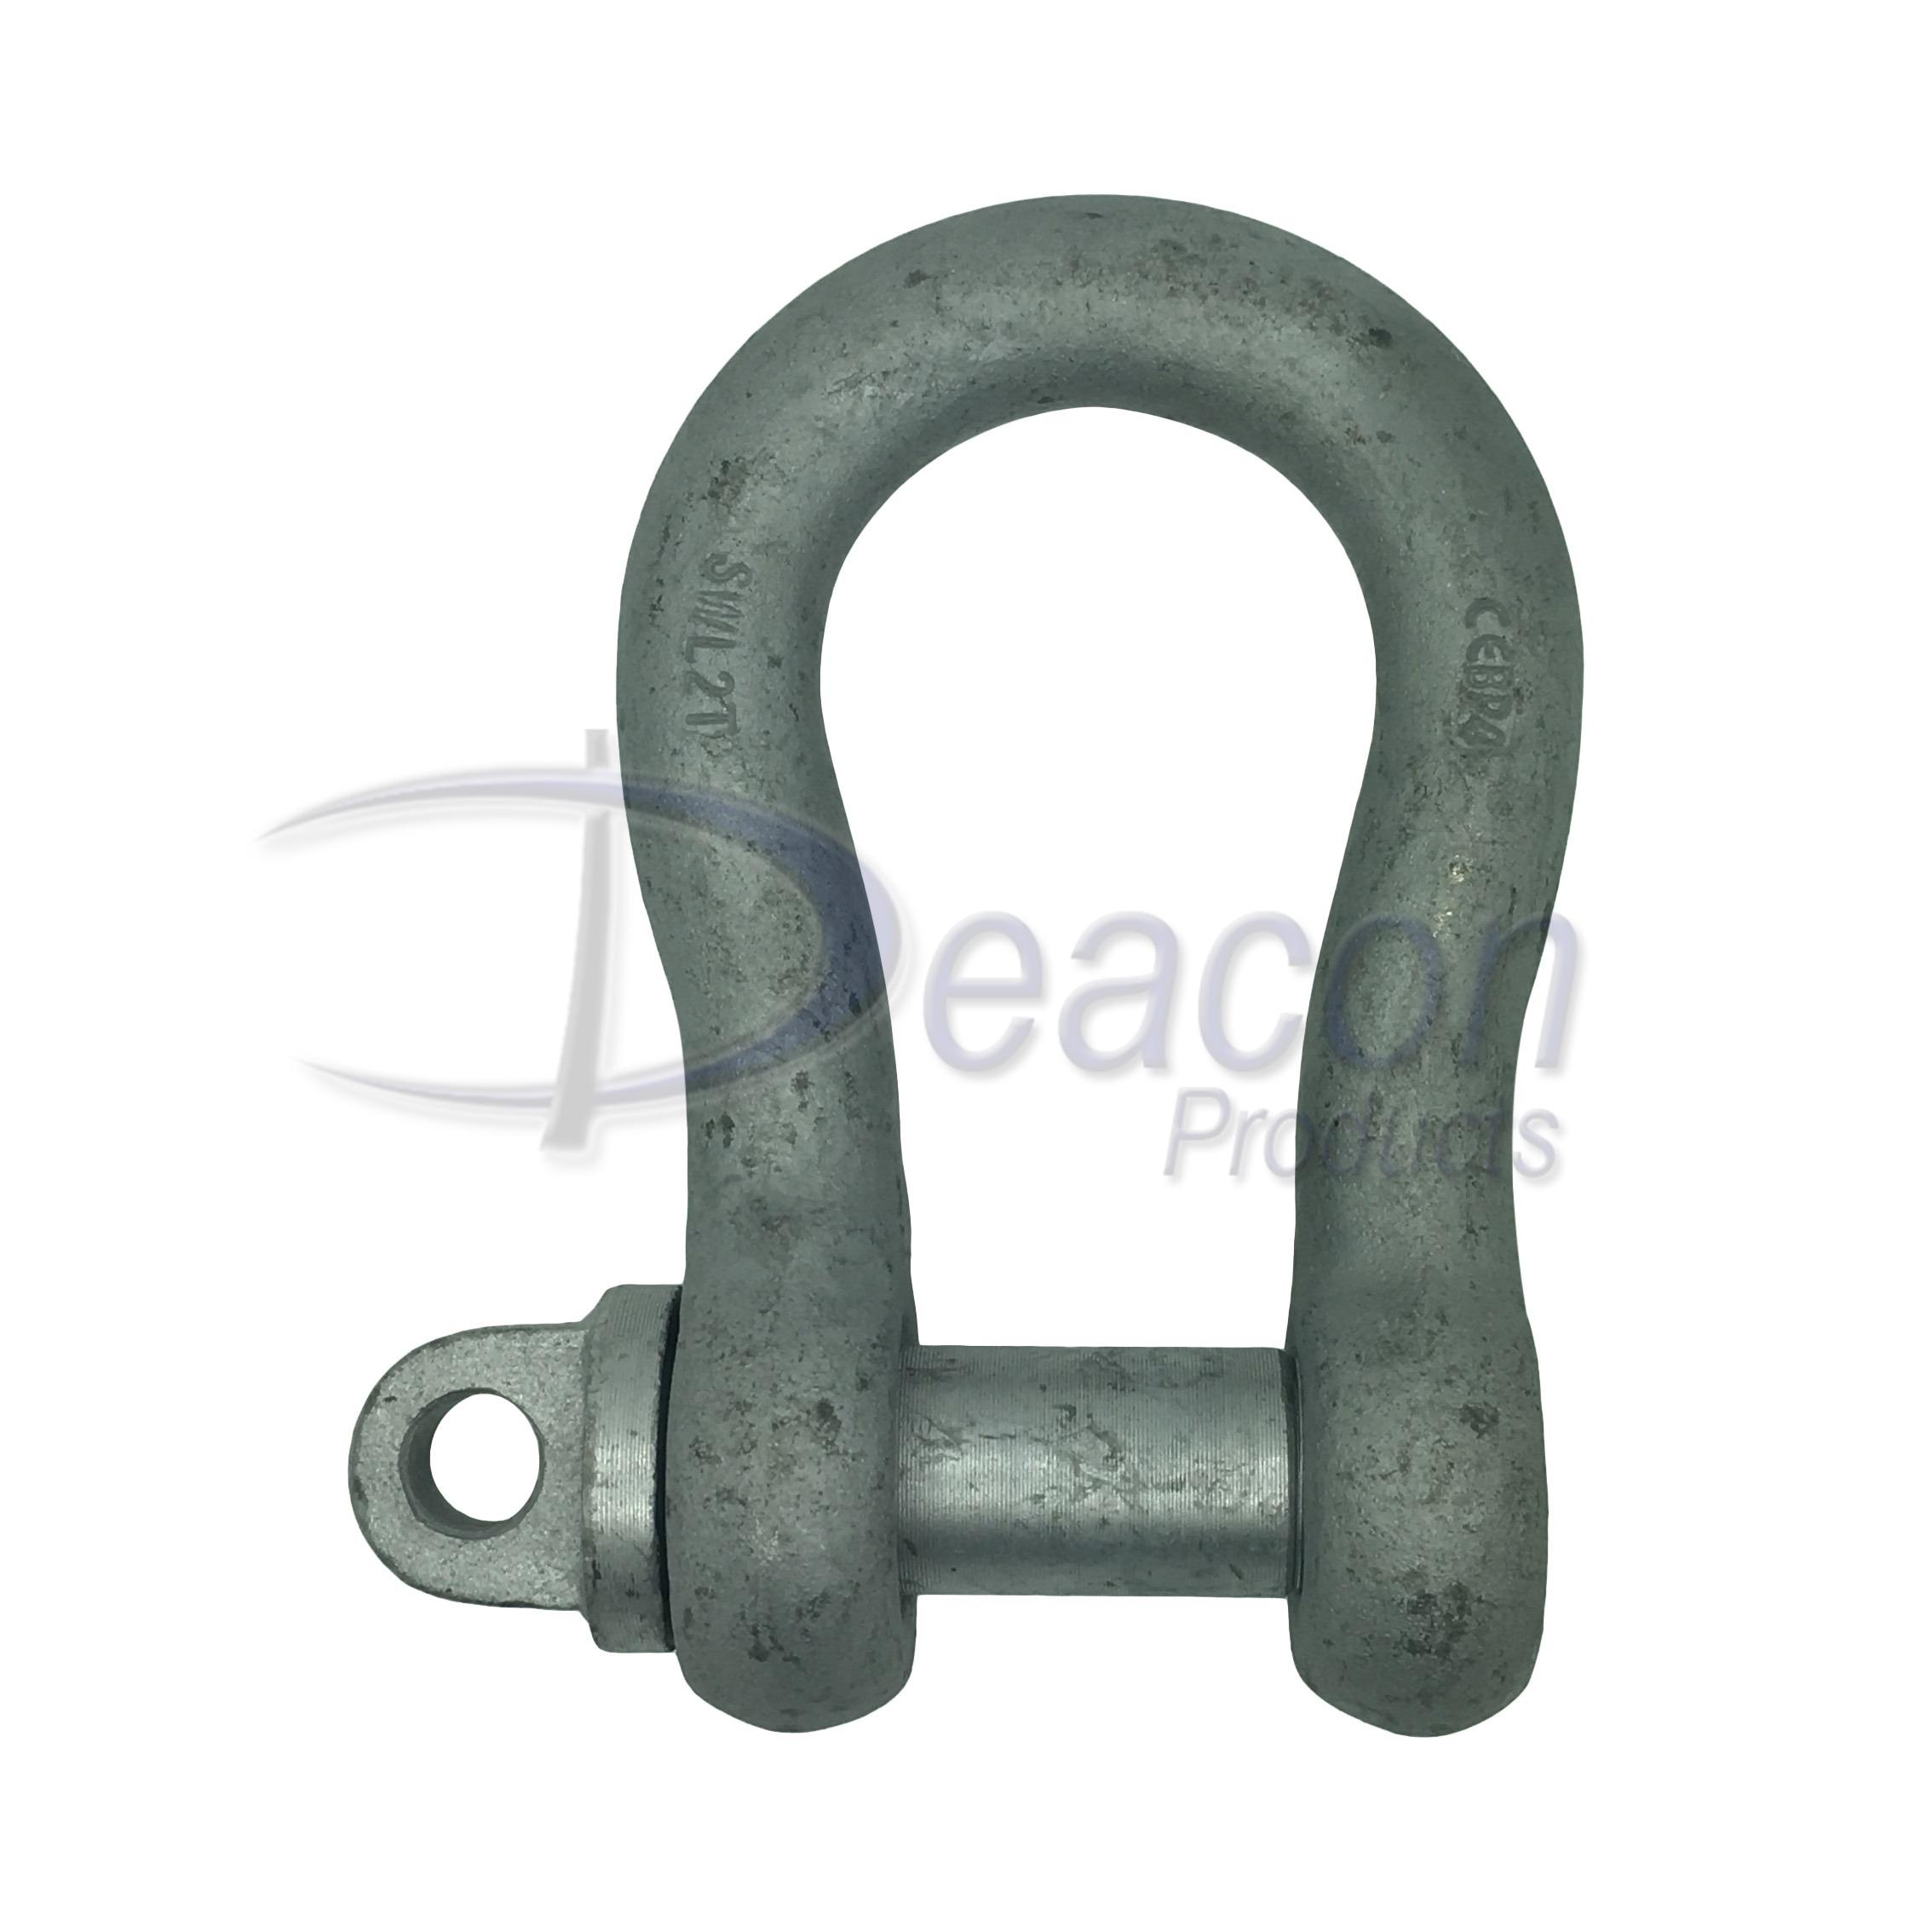 galvanized-large-bow-shackle